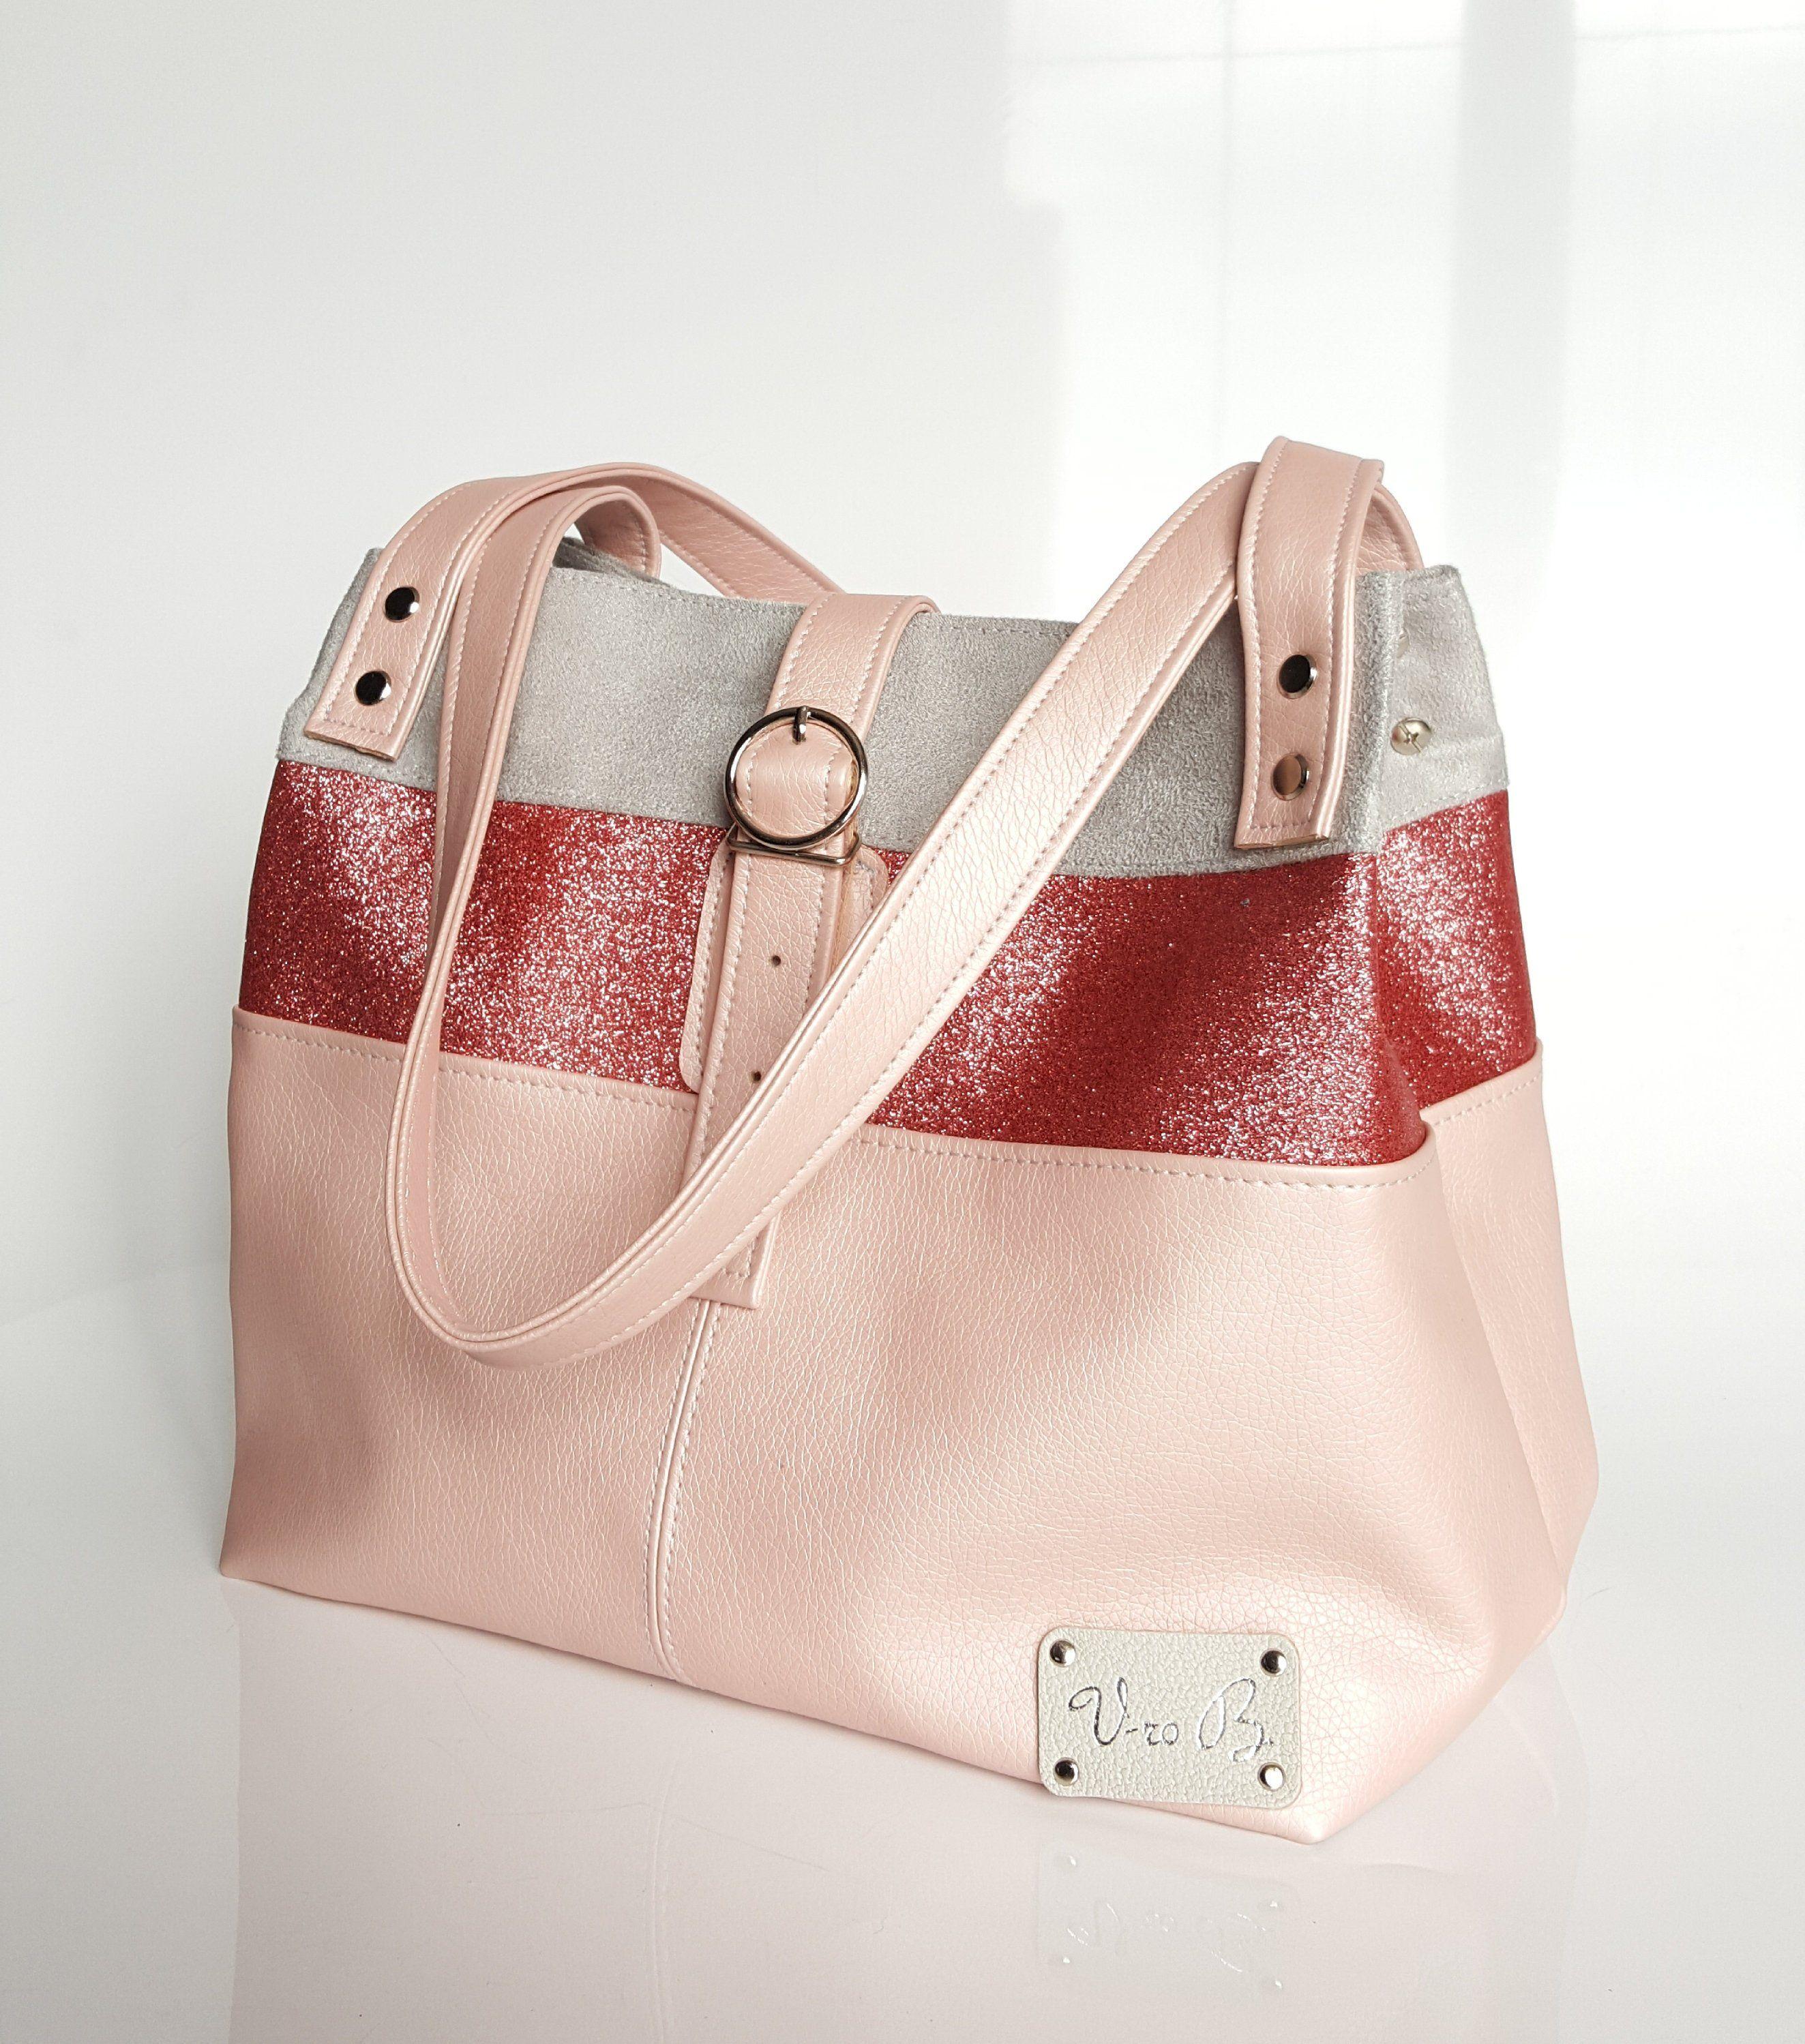 Sac a main tricolore simili cuir rose nacré de la boutique  VroBbagsCreations sur Etsy 53b40f122397